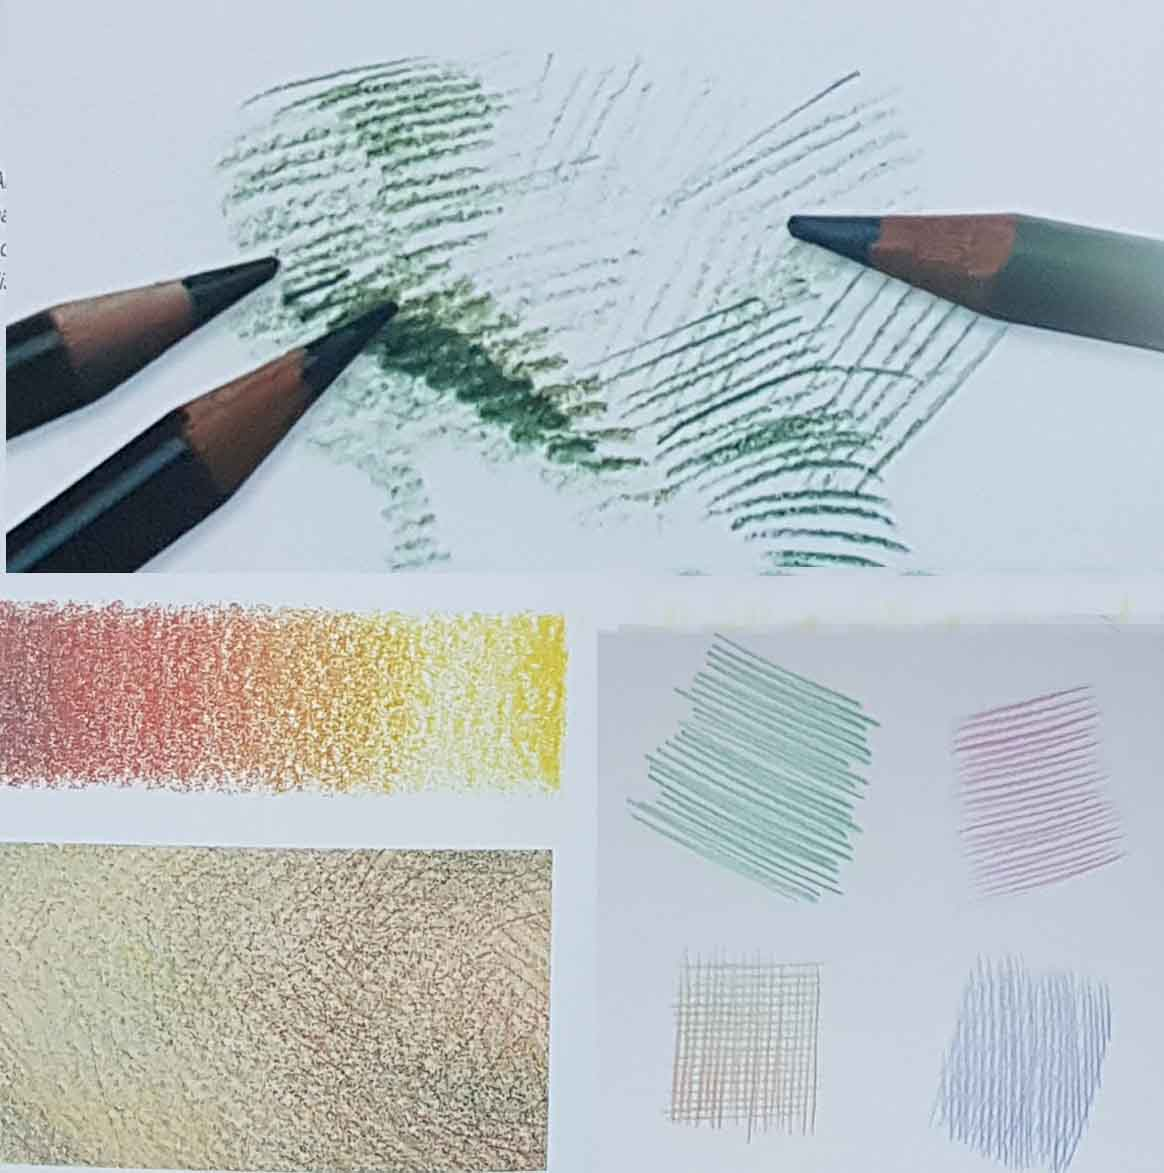 уроки академического рисунка цветным карандашом